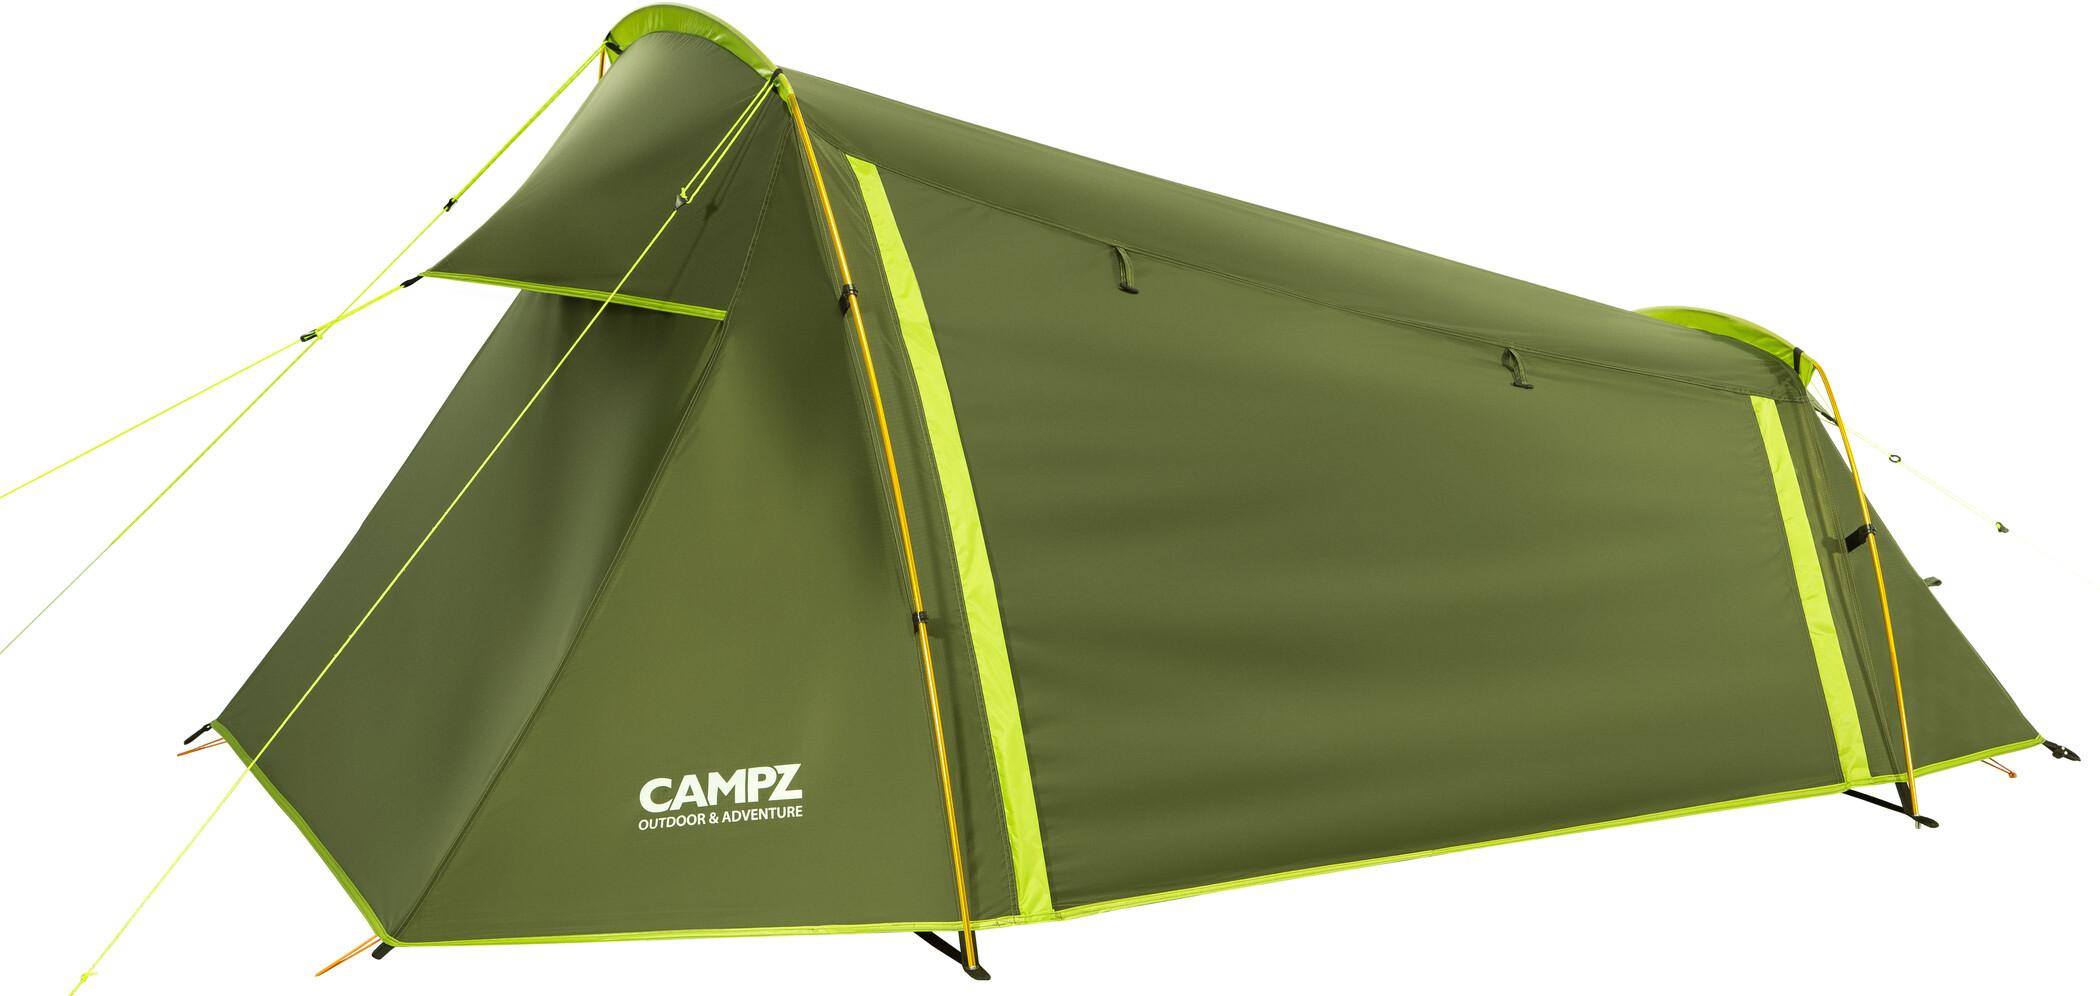 CAMPZ Torreilles 2P Telt, green/olive | Transport og opbevaring > Tilbehør